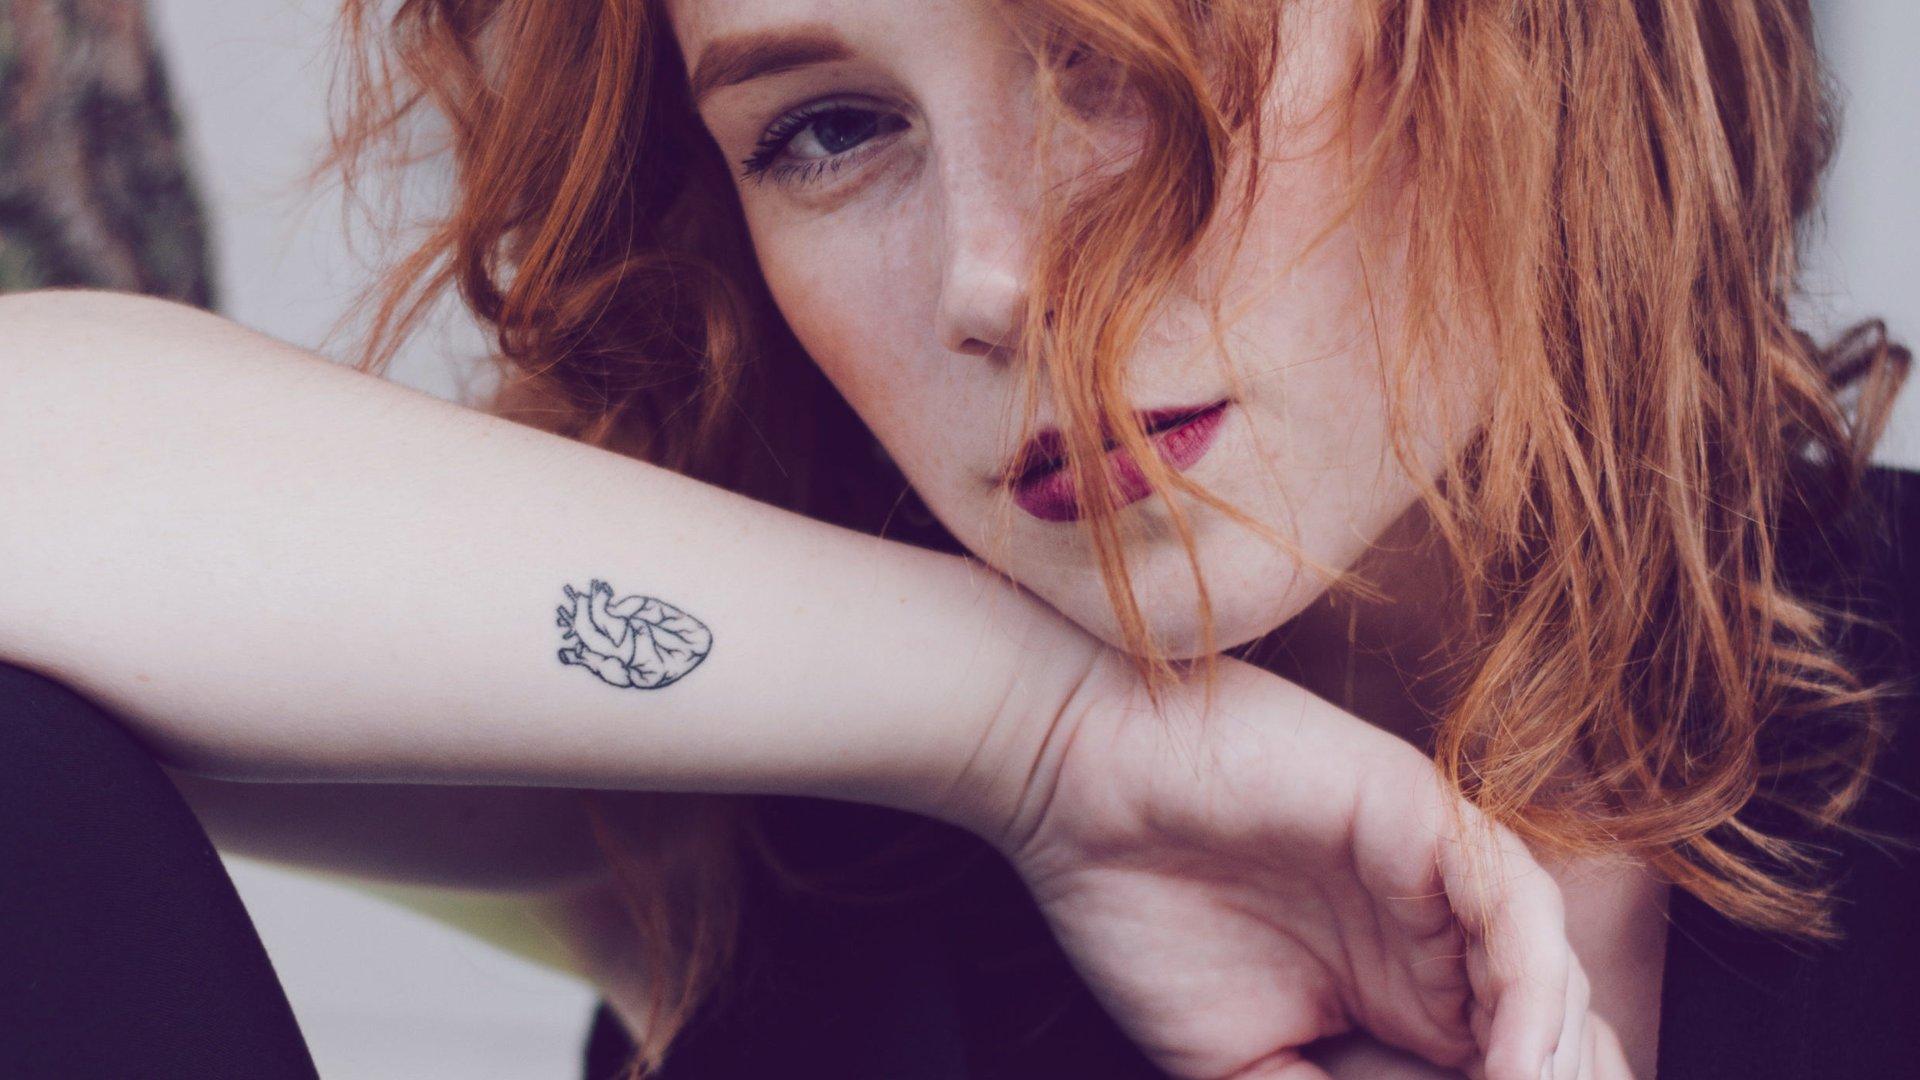 Innenseite schmerzen oberarm tattoo Tattoo am